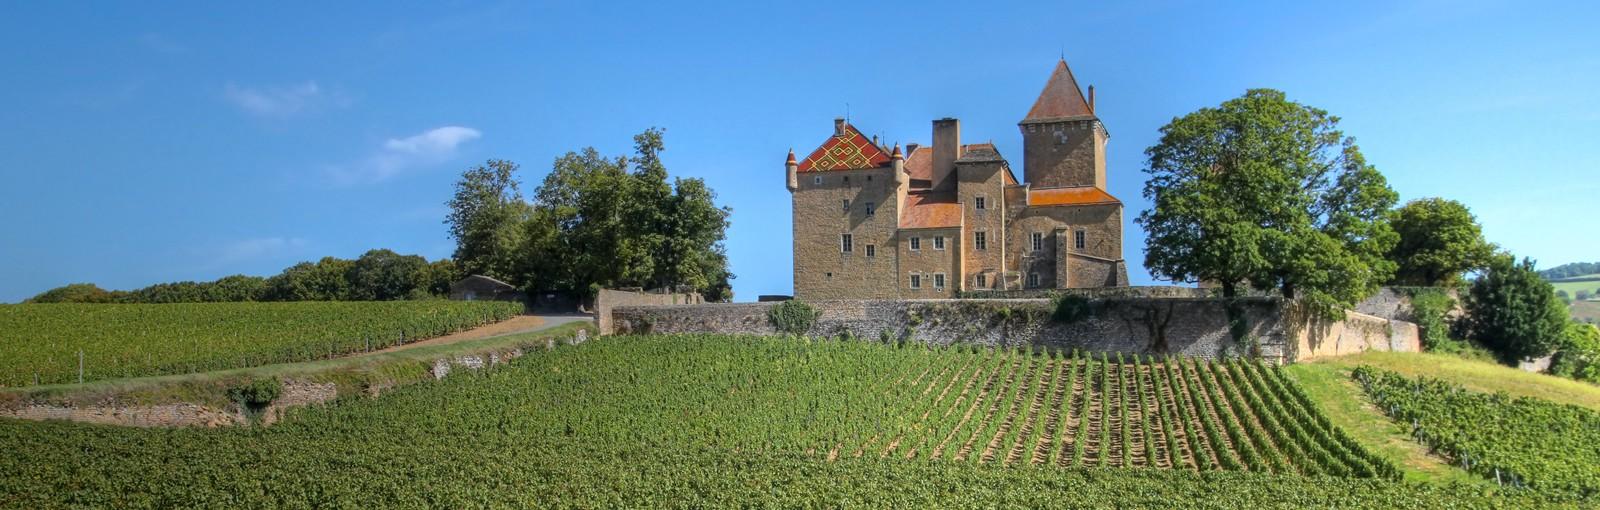 Tours Grand Tour de Bourgogne: Une semaine pour (presque) tout voir et tout goûter! - Bourgogne - Circuits au départ de Paris